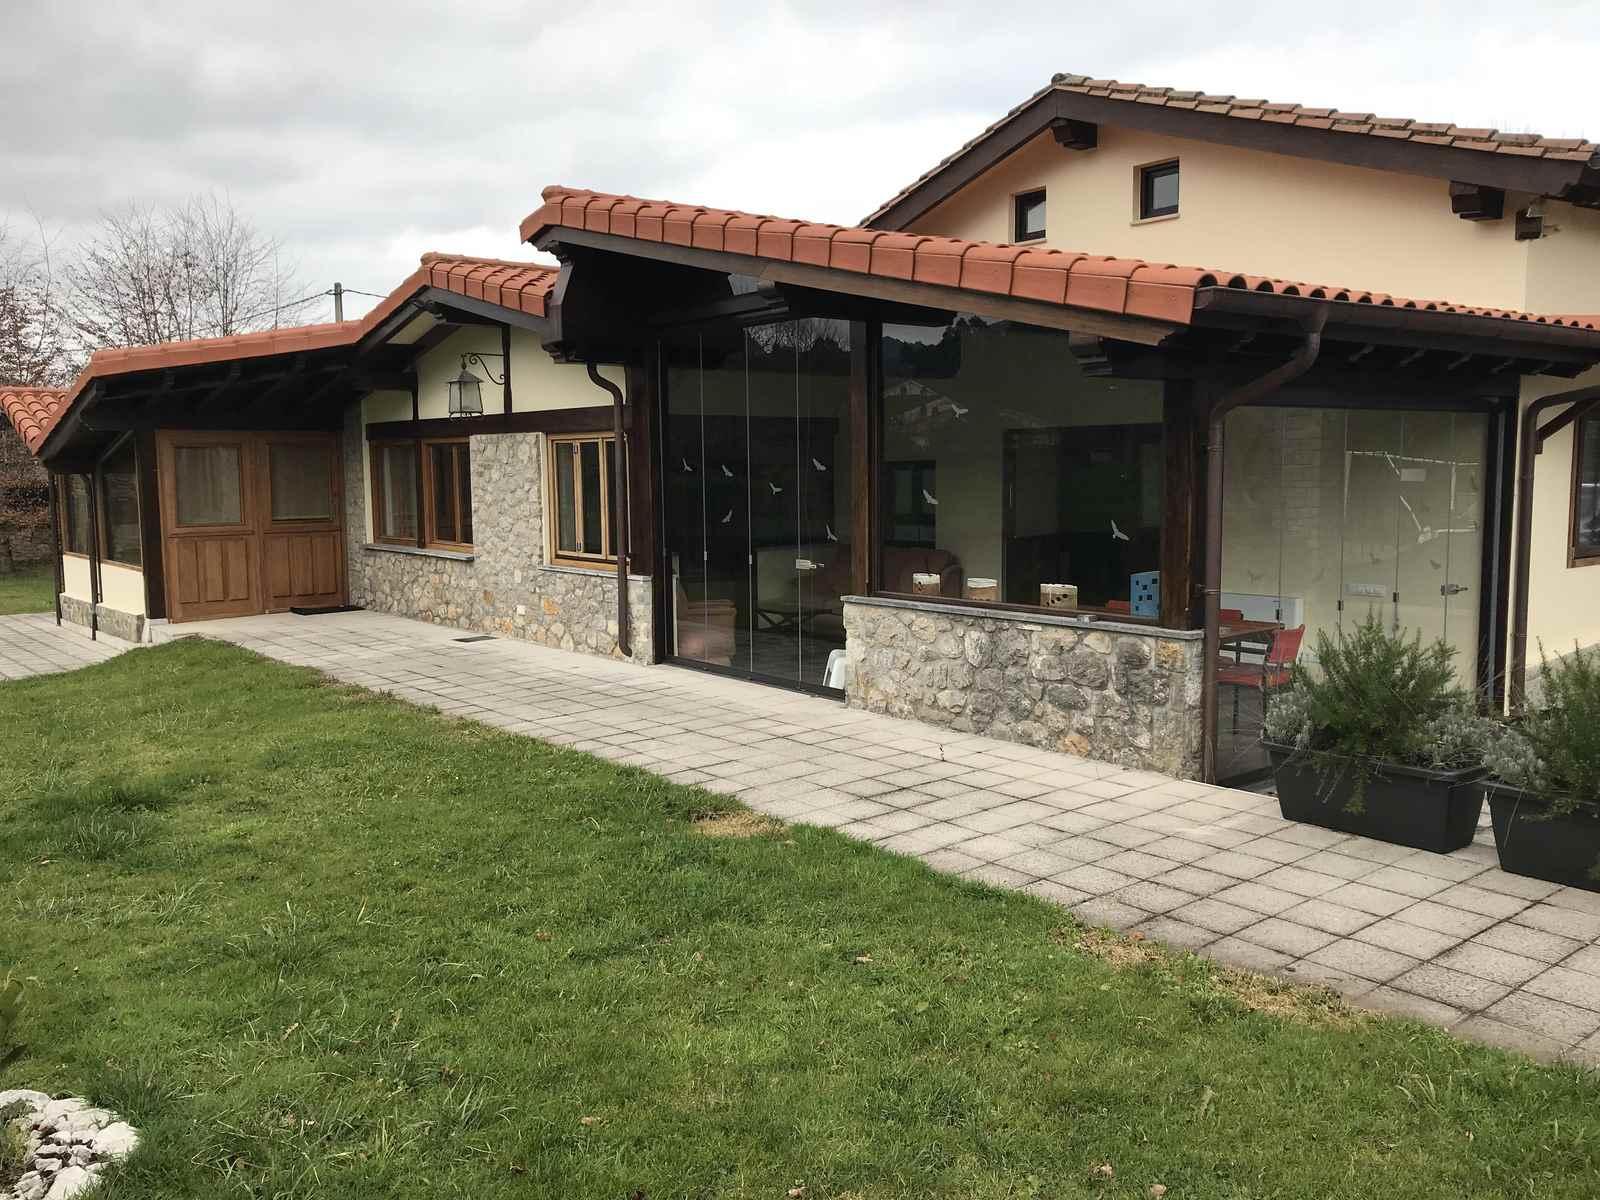 Alquiler vacaciones en La Pereda, Asturias